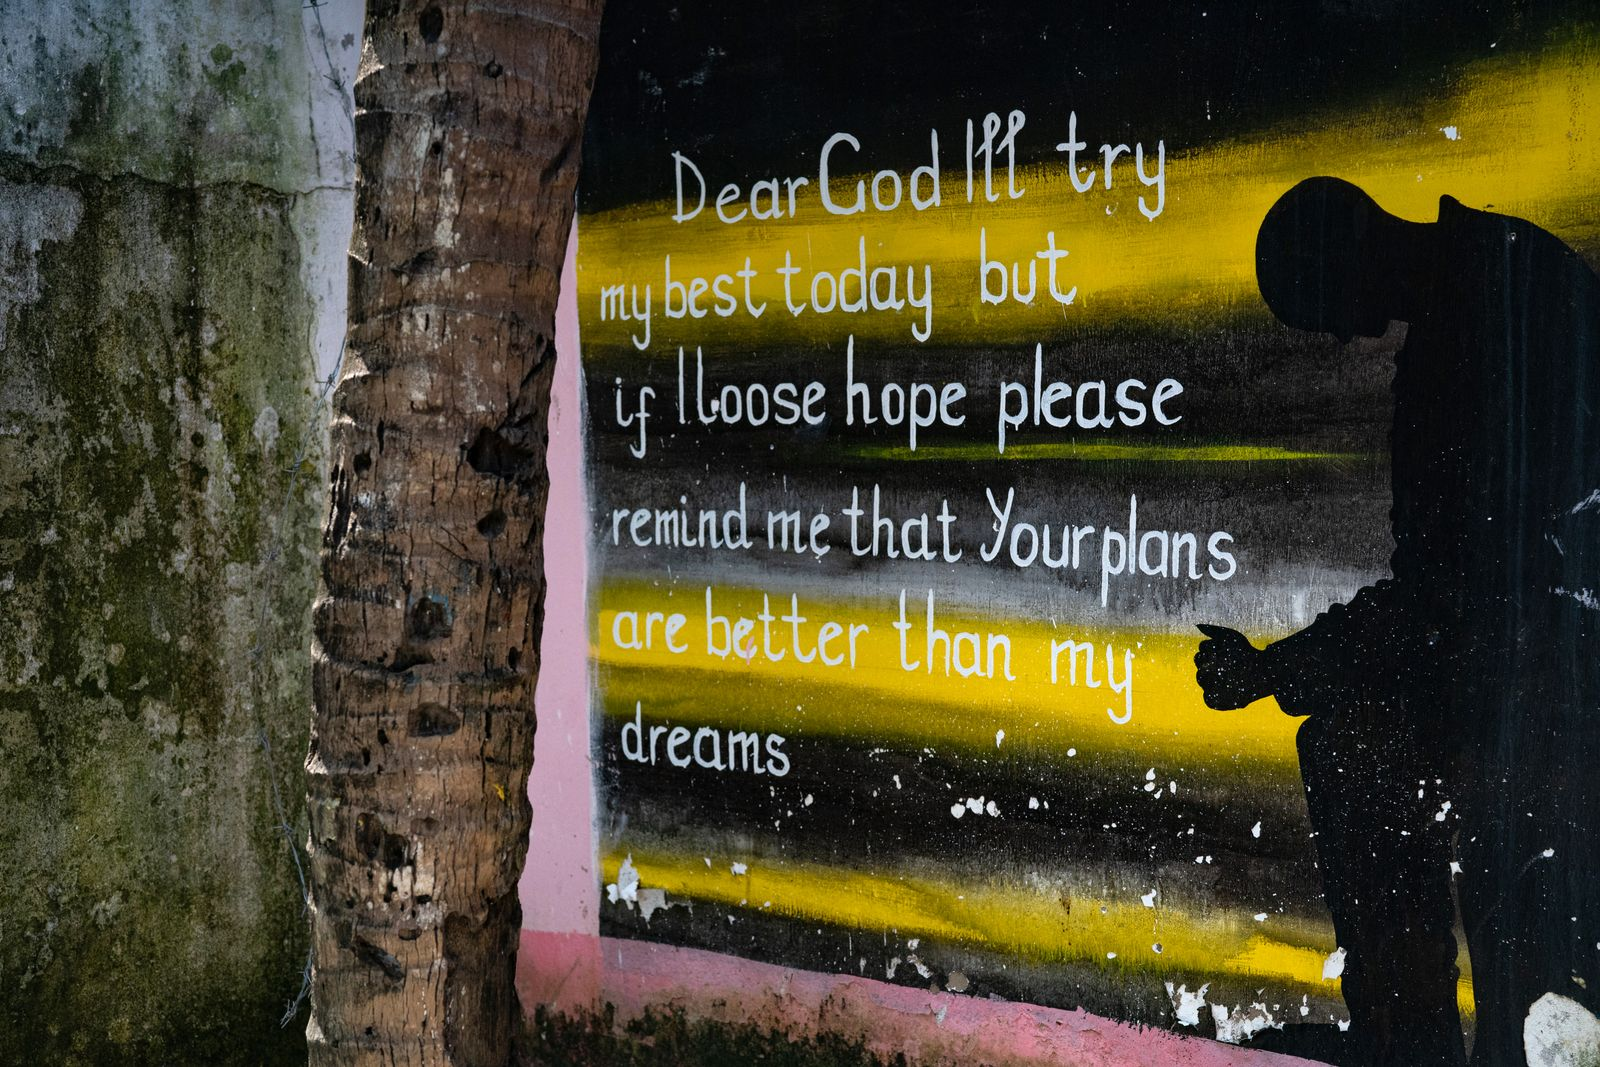 Soberhouse3 Ein Gebet an der Außenwand eines Sober Houses